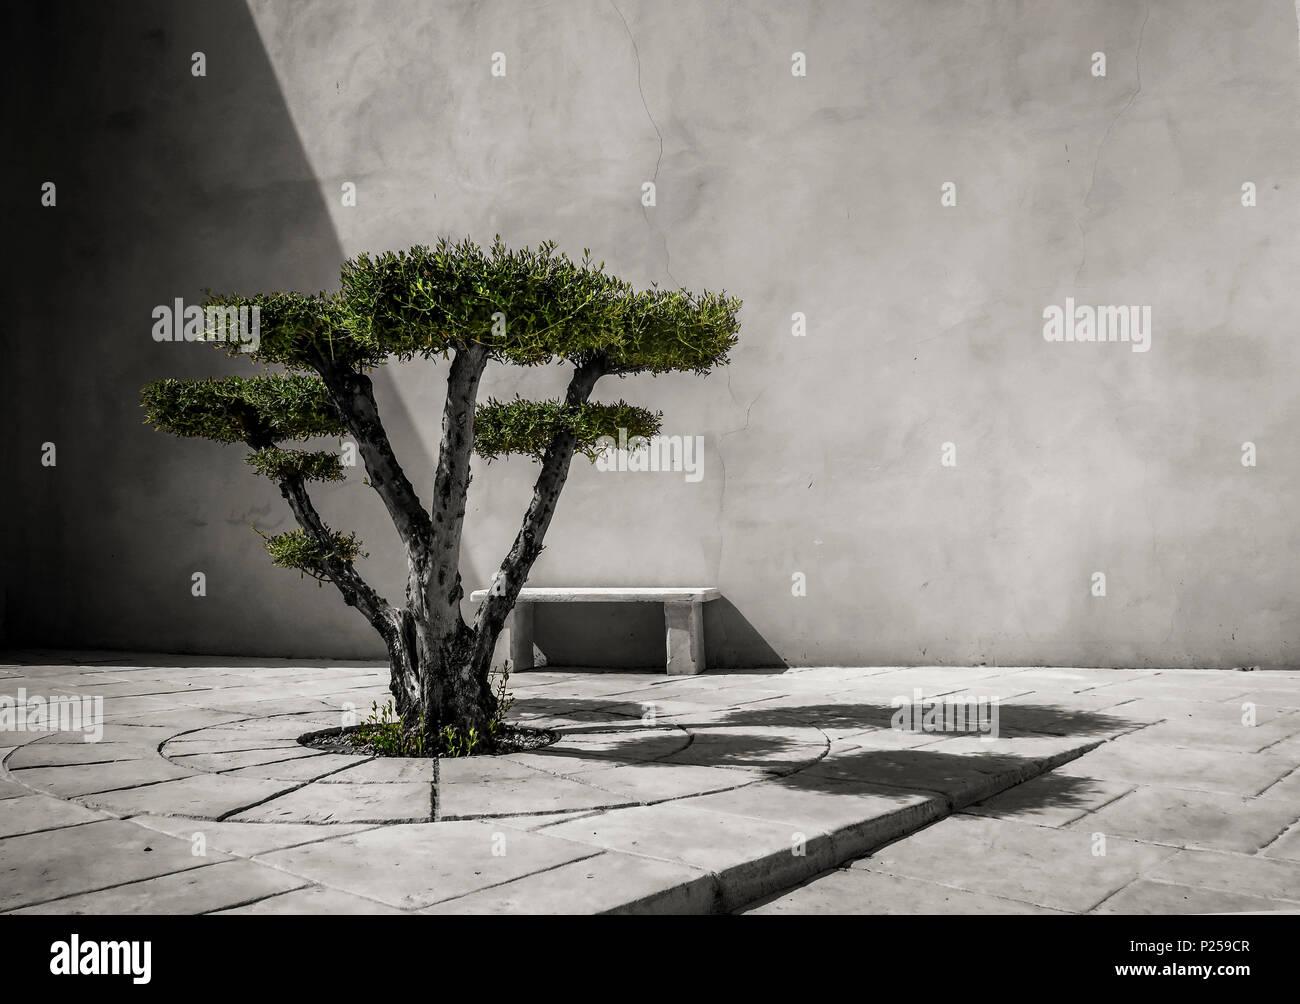 Super Olivenbaum Schneiden in Form auf verlassenen Platz Stockfoto, Bild @IG_33